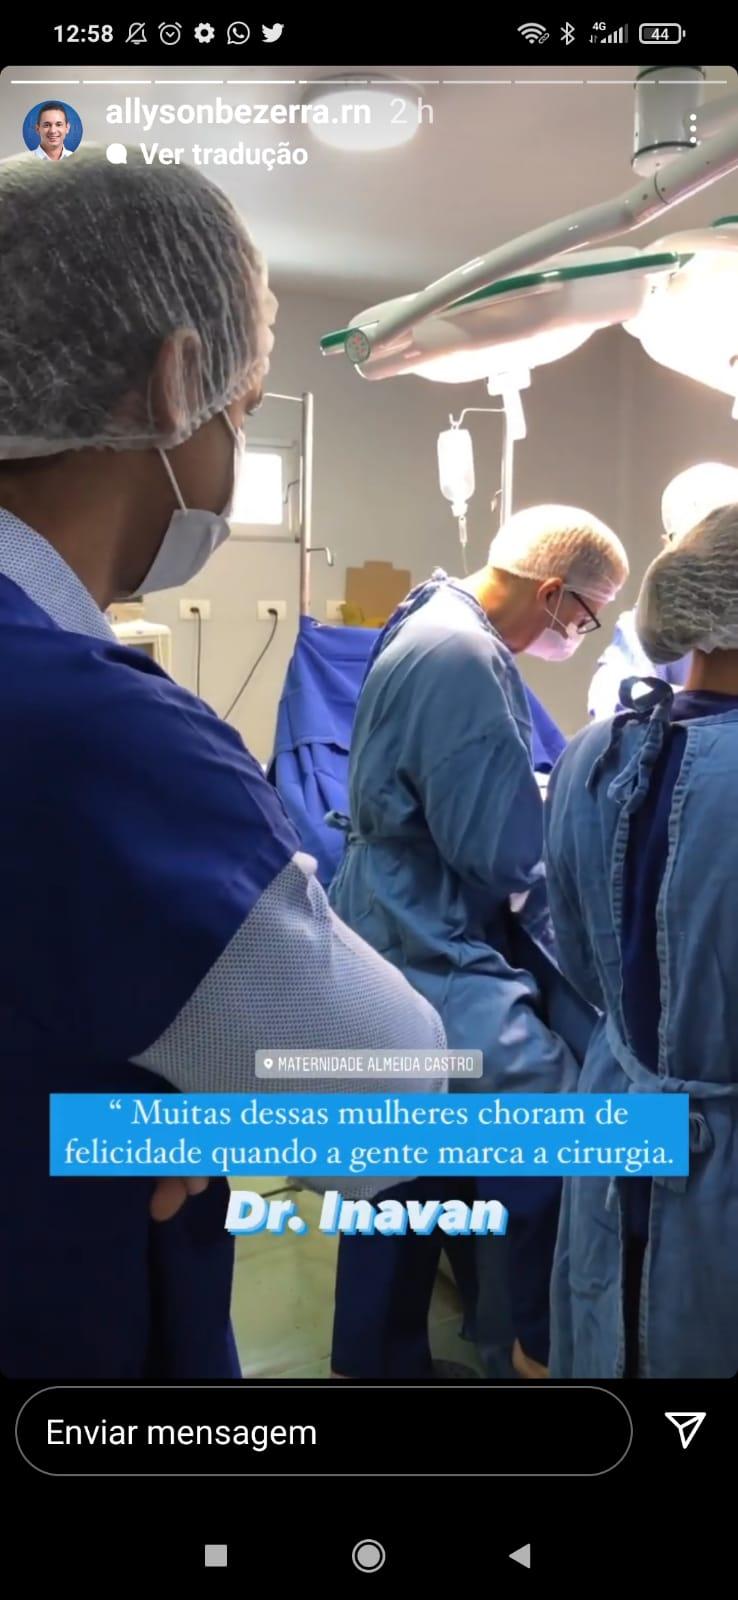 Portal O Antagonista divulga vídeo durante cirurgia ginecológica estrelada por Allyson Bezerra